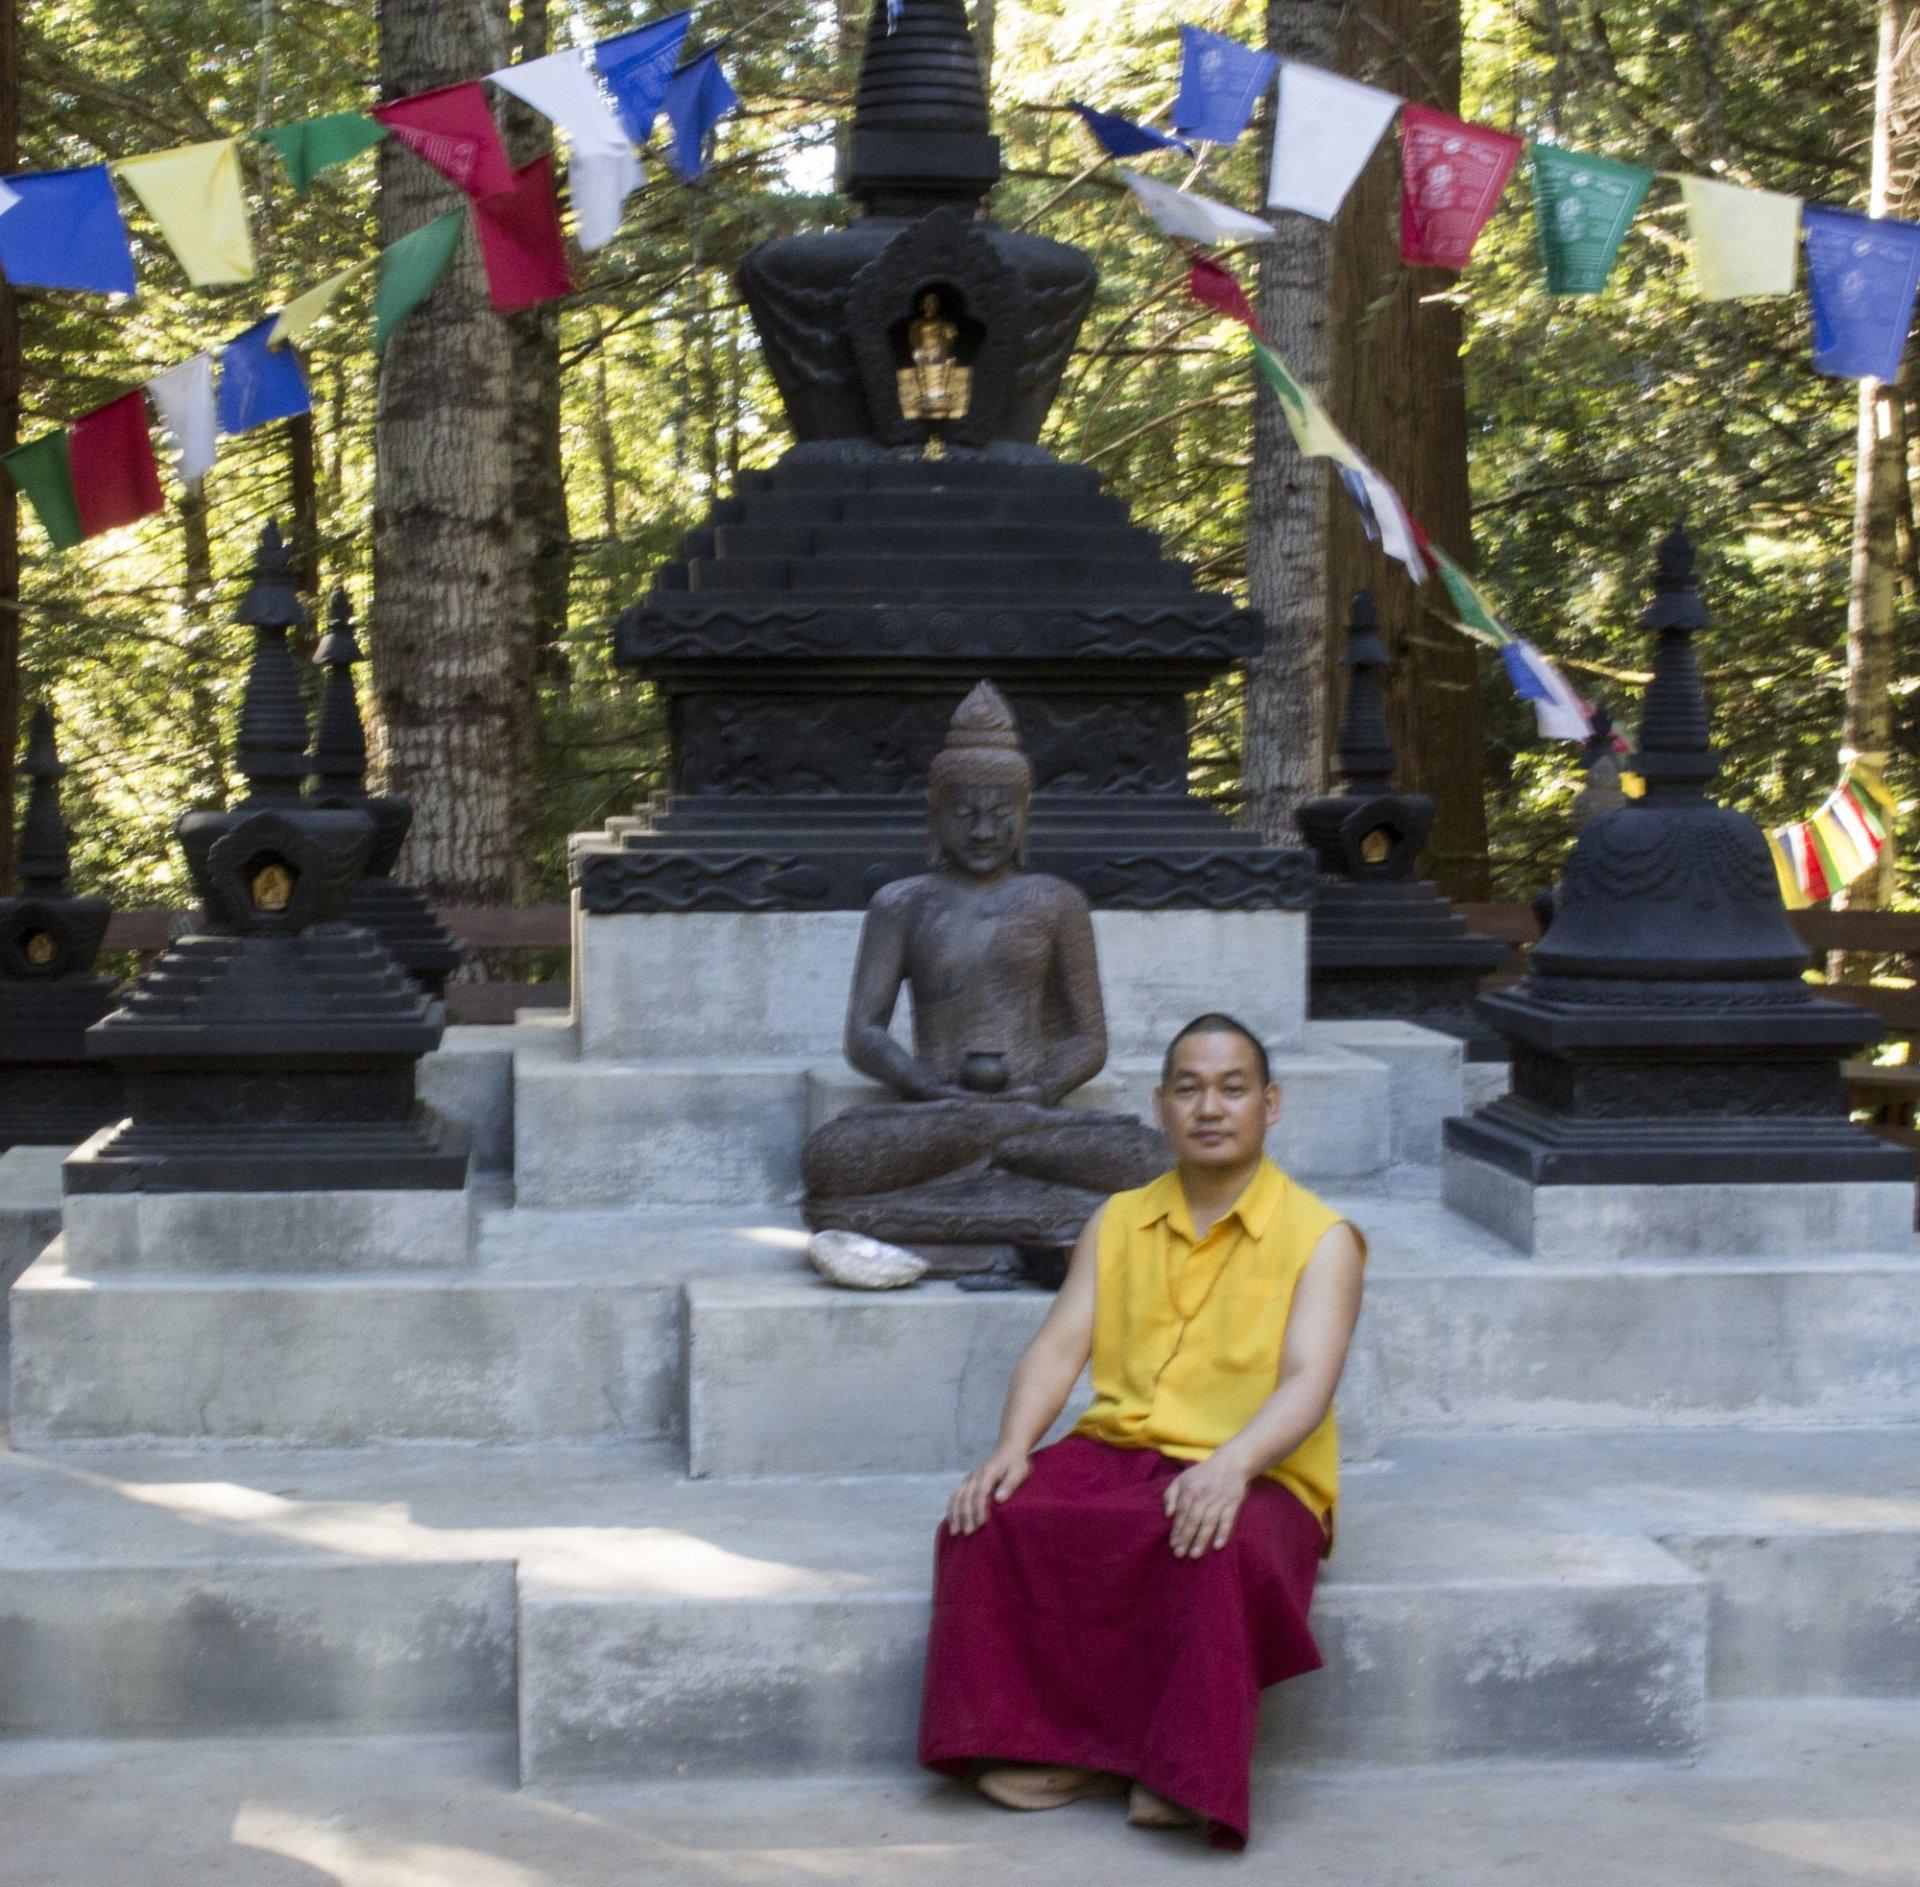 Resident teacher Ven. Khenpo Ugyen Wangchuk at the Ewam Ku Sum Ling school of Tibetan Buddhism in Kneeland, CA. Photo credit: Robert Brown